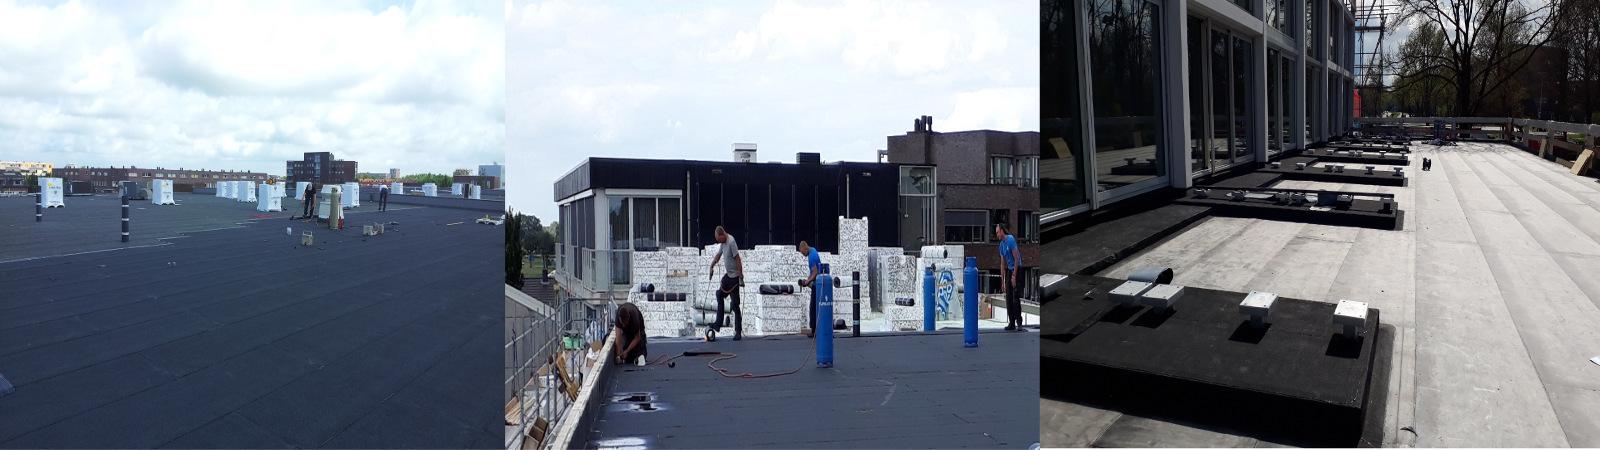 projectbegeleiding-dakdekker